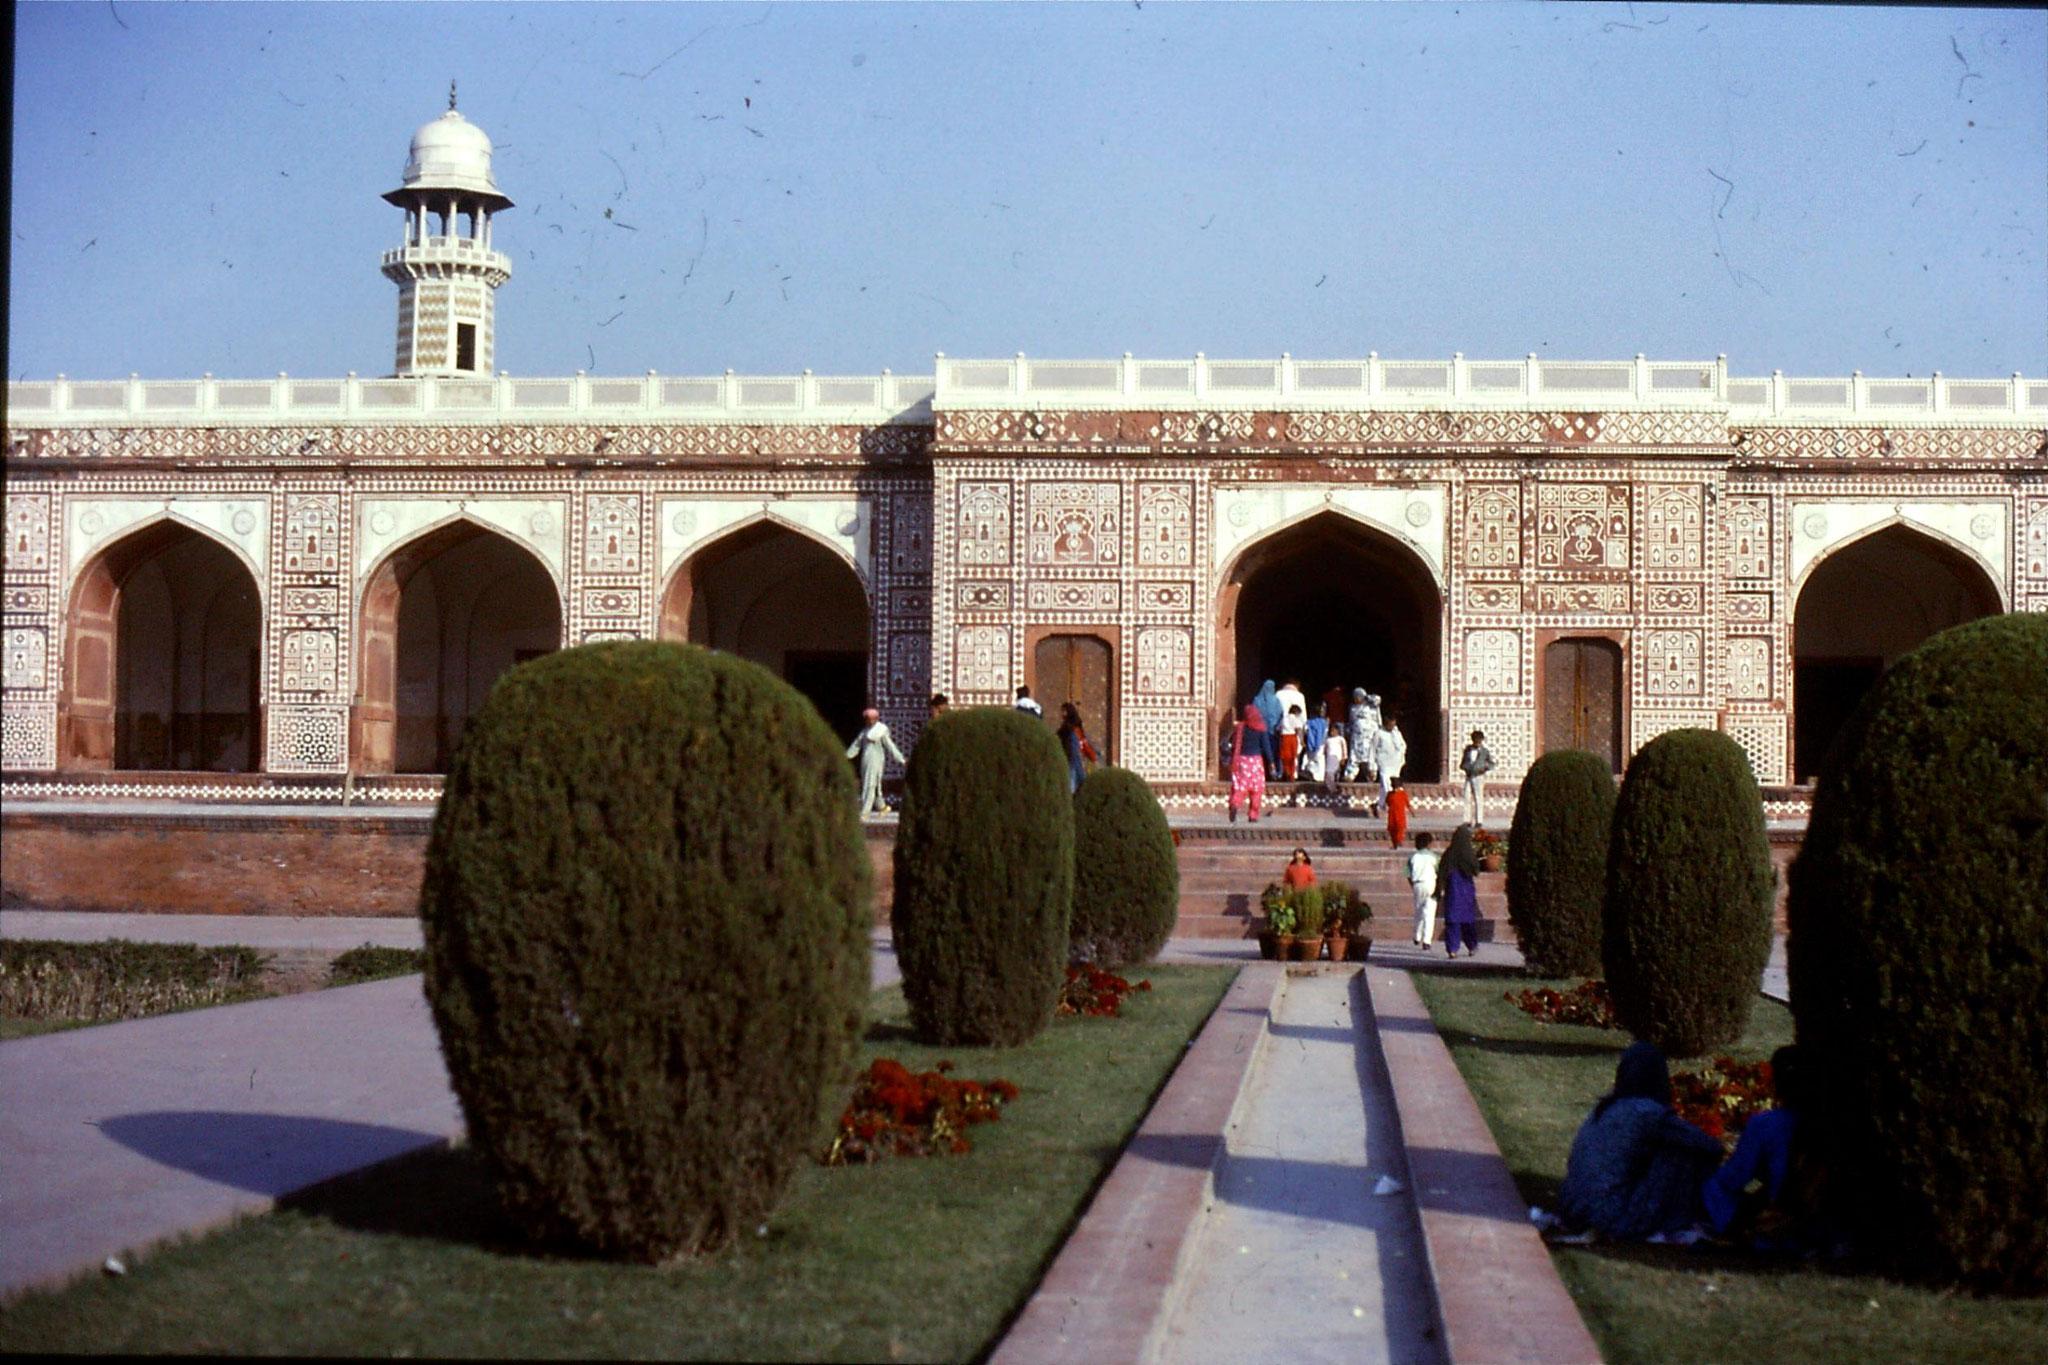 10/11/1989: 0: Lahore, Jehangir's tomb